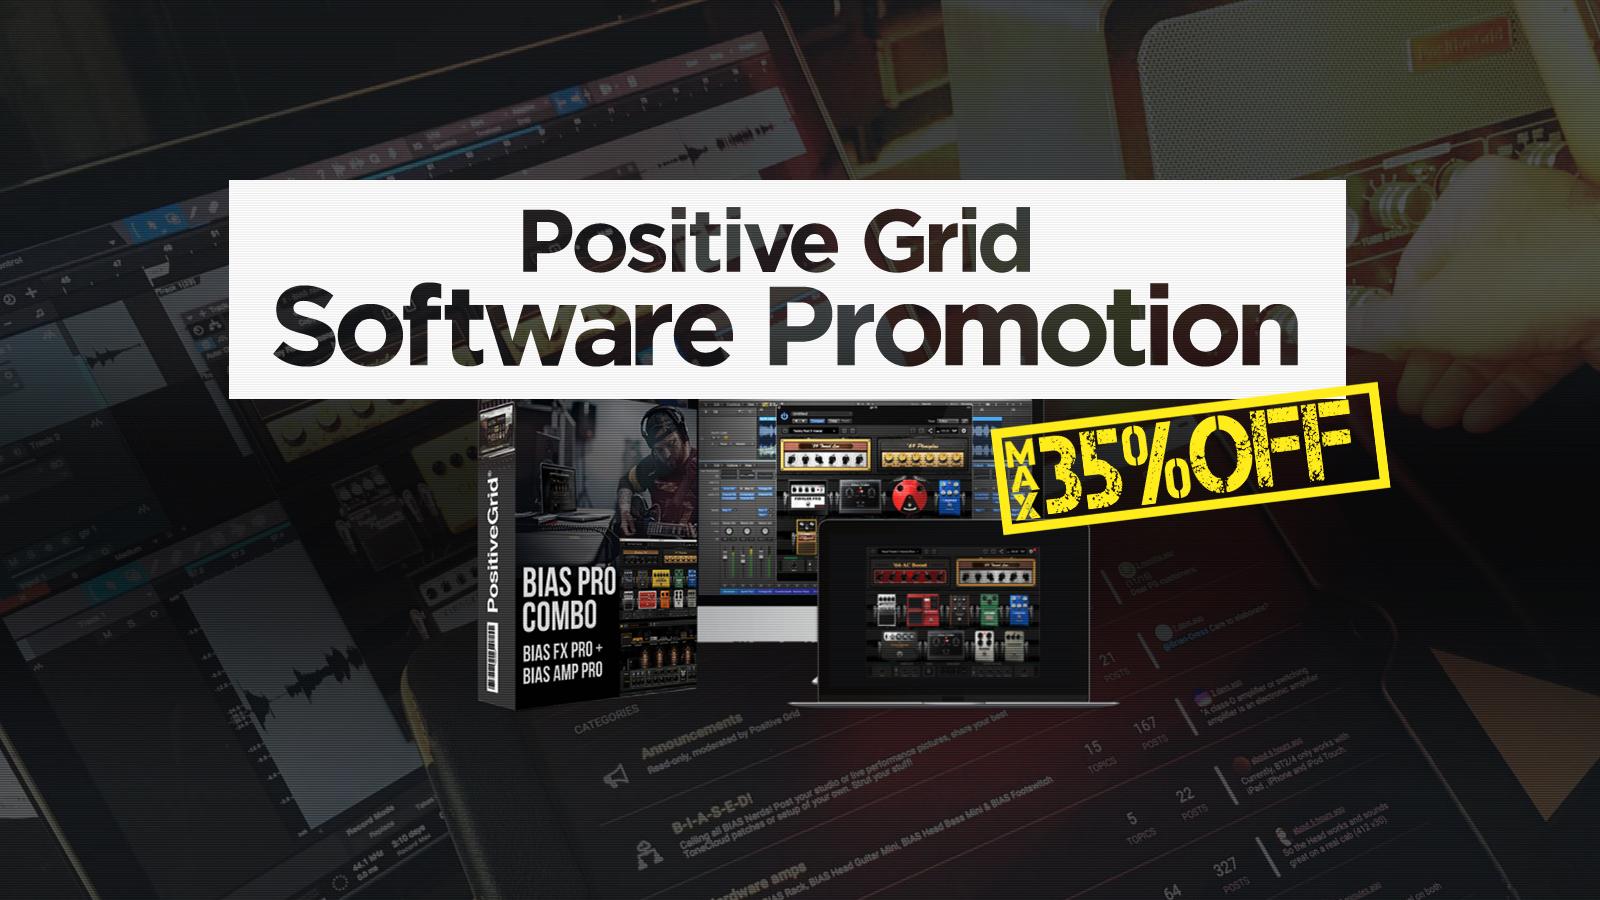 最大35%オフ!Positive Grid Software プロモーション